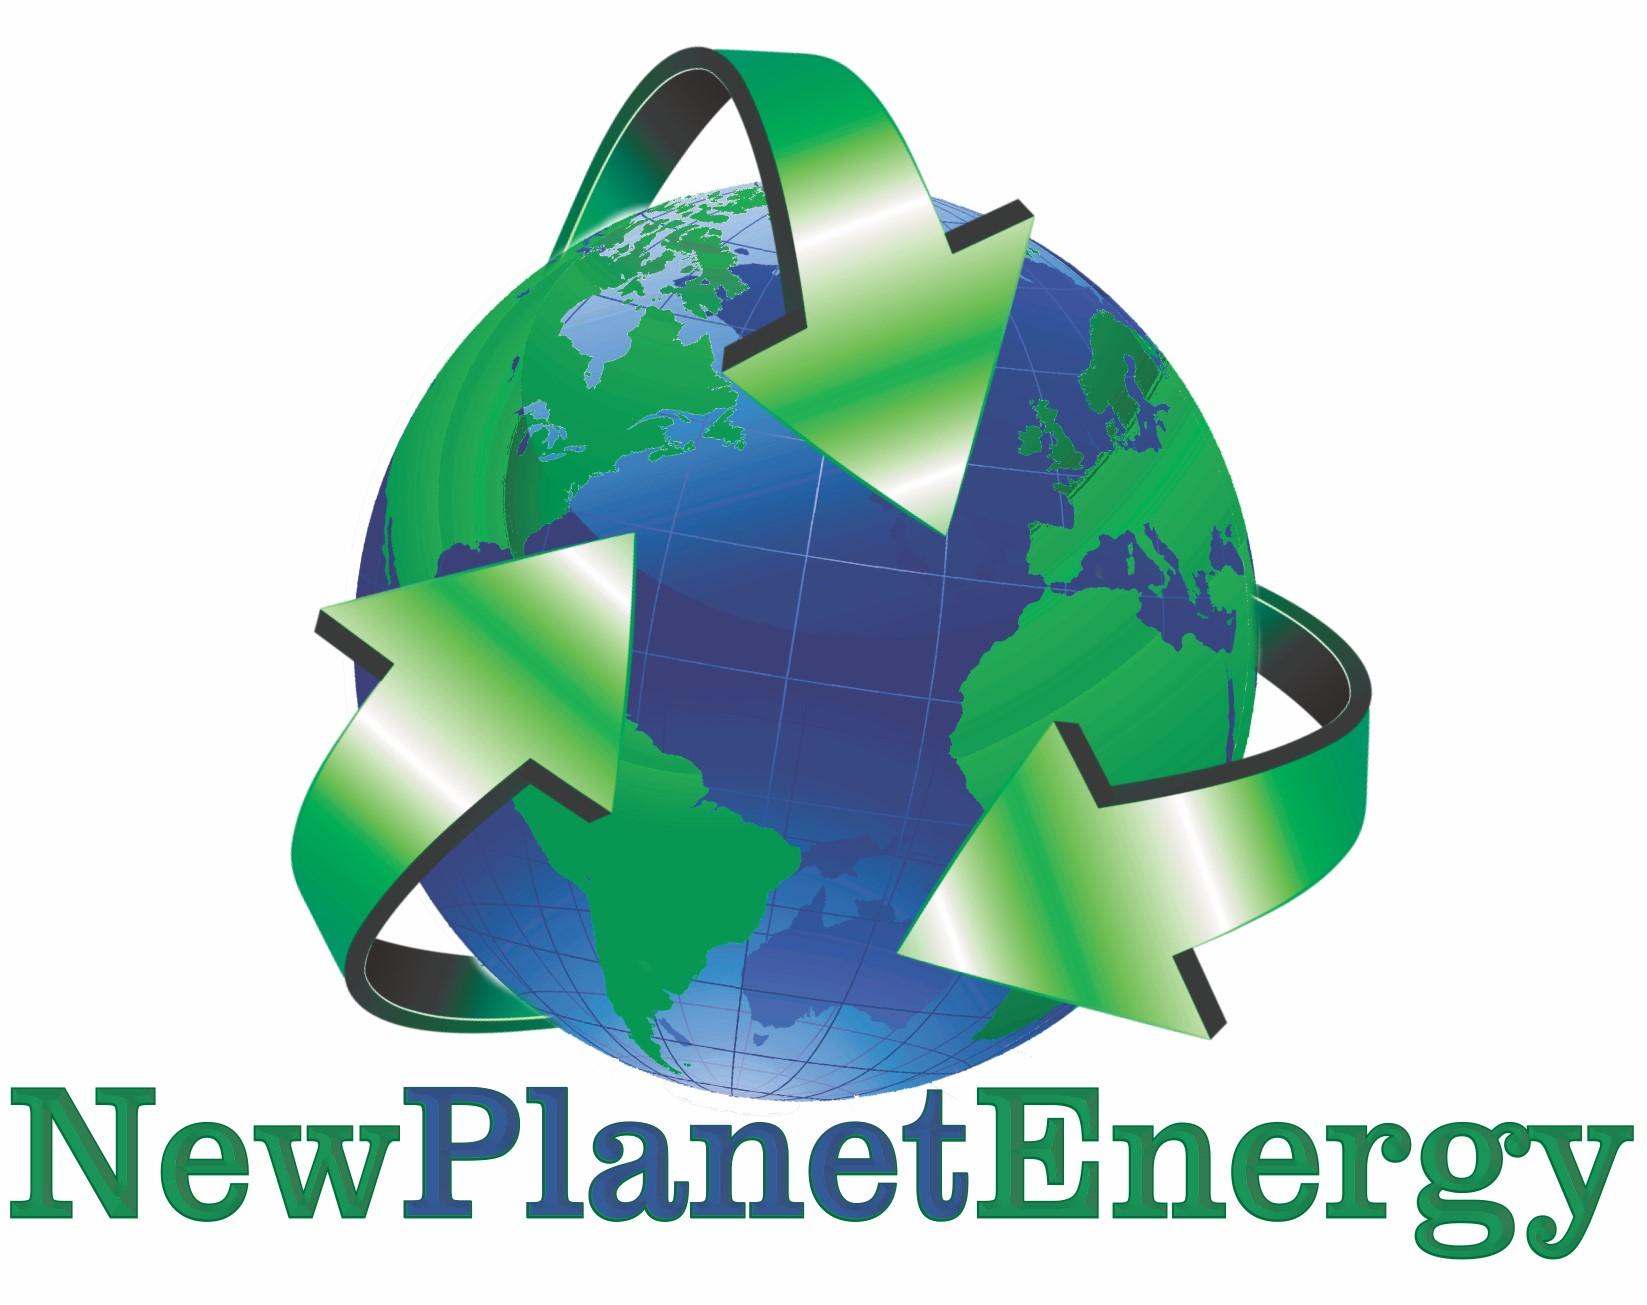 New Planet Energy